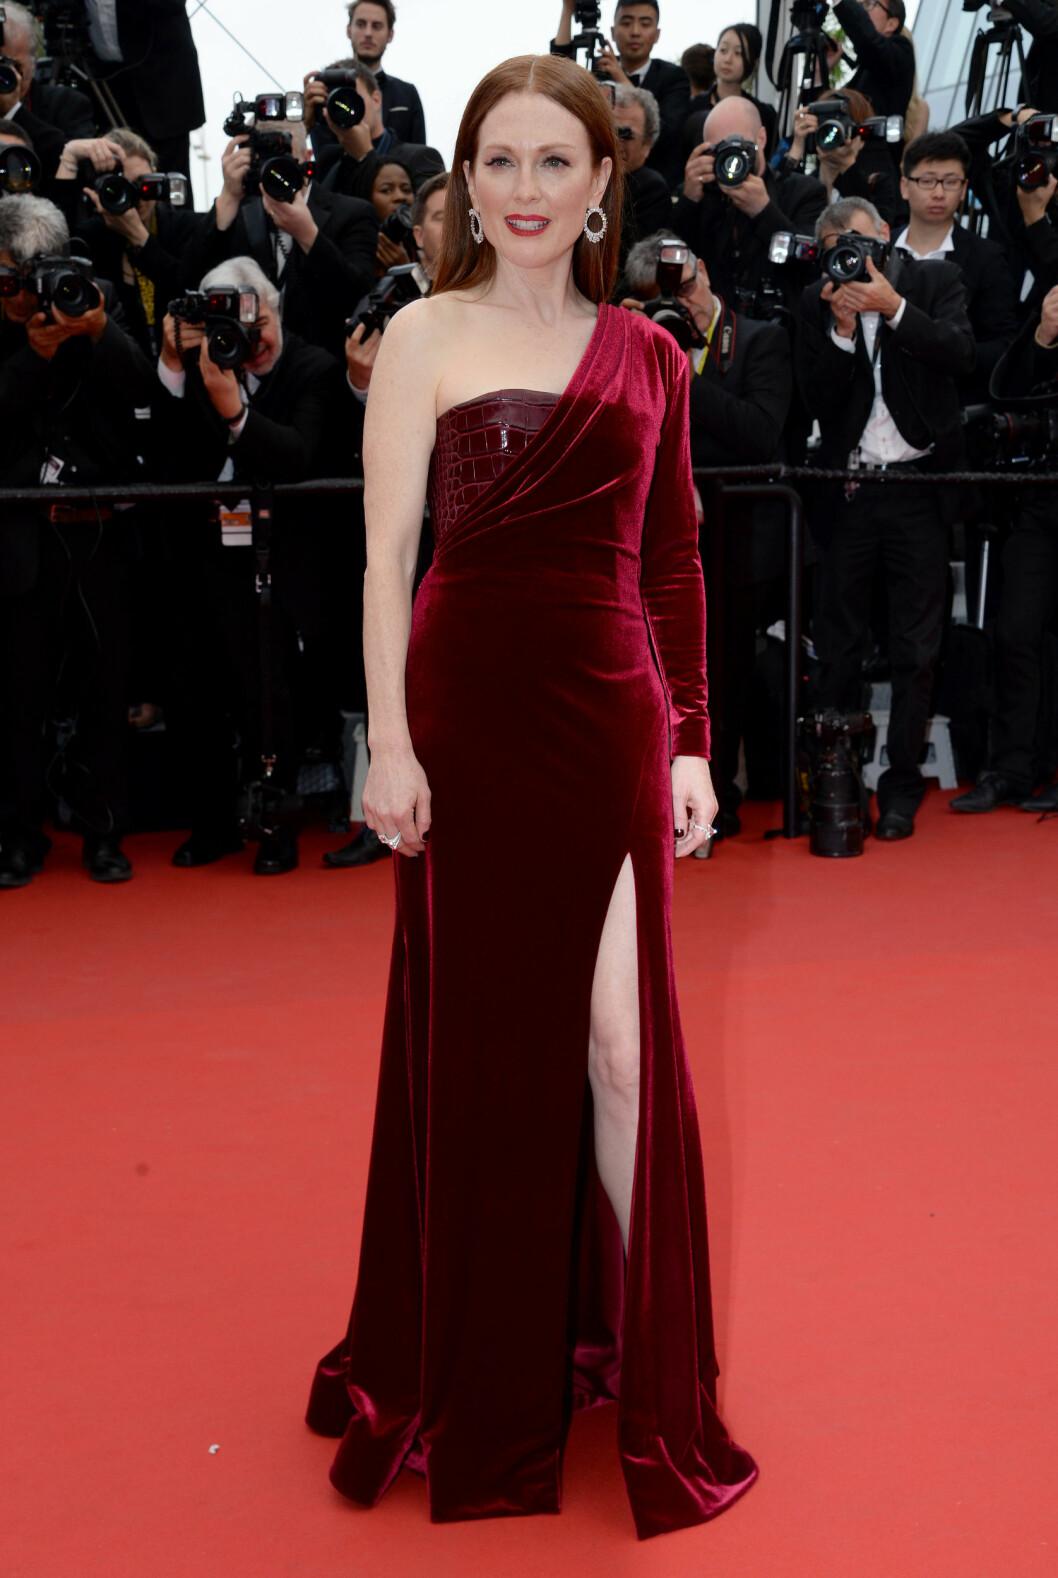 GIVENCHY: Kjolen til Moore er fra franske Givenchy. Foto: Abaca Scanpix